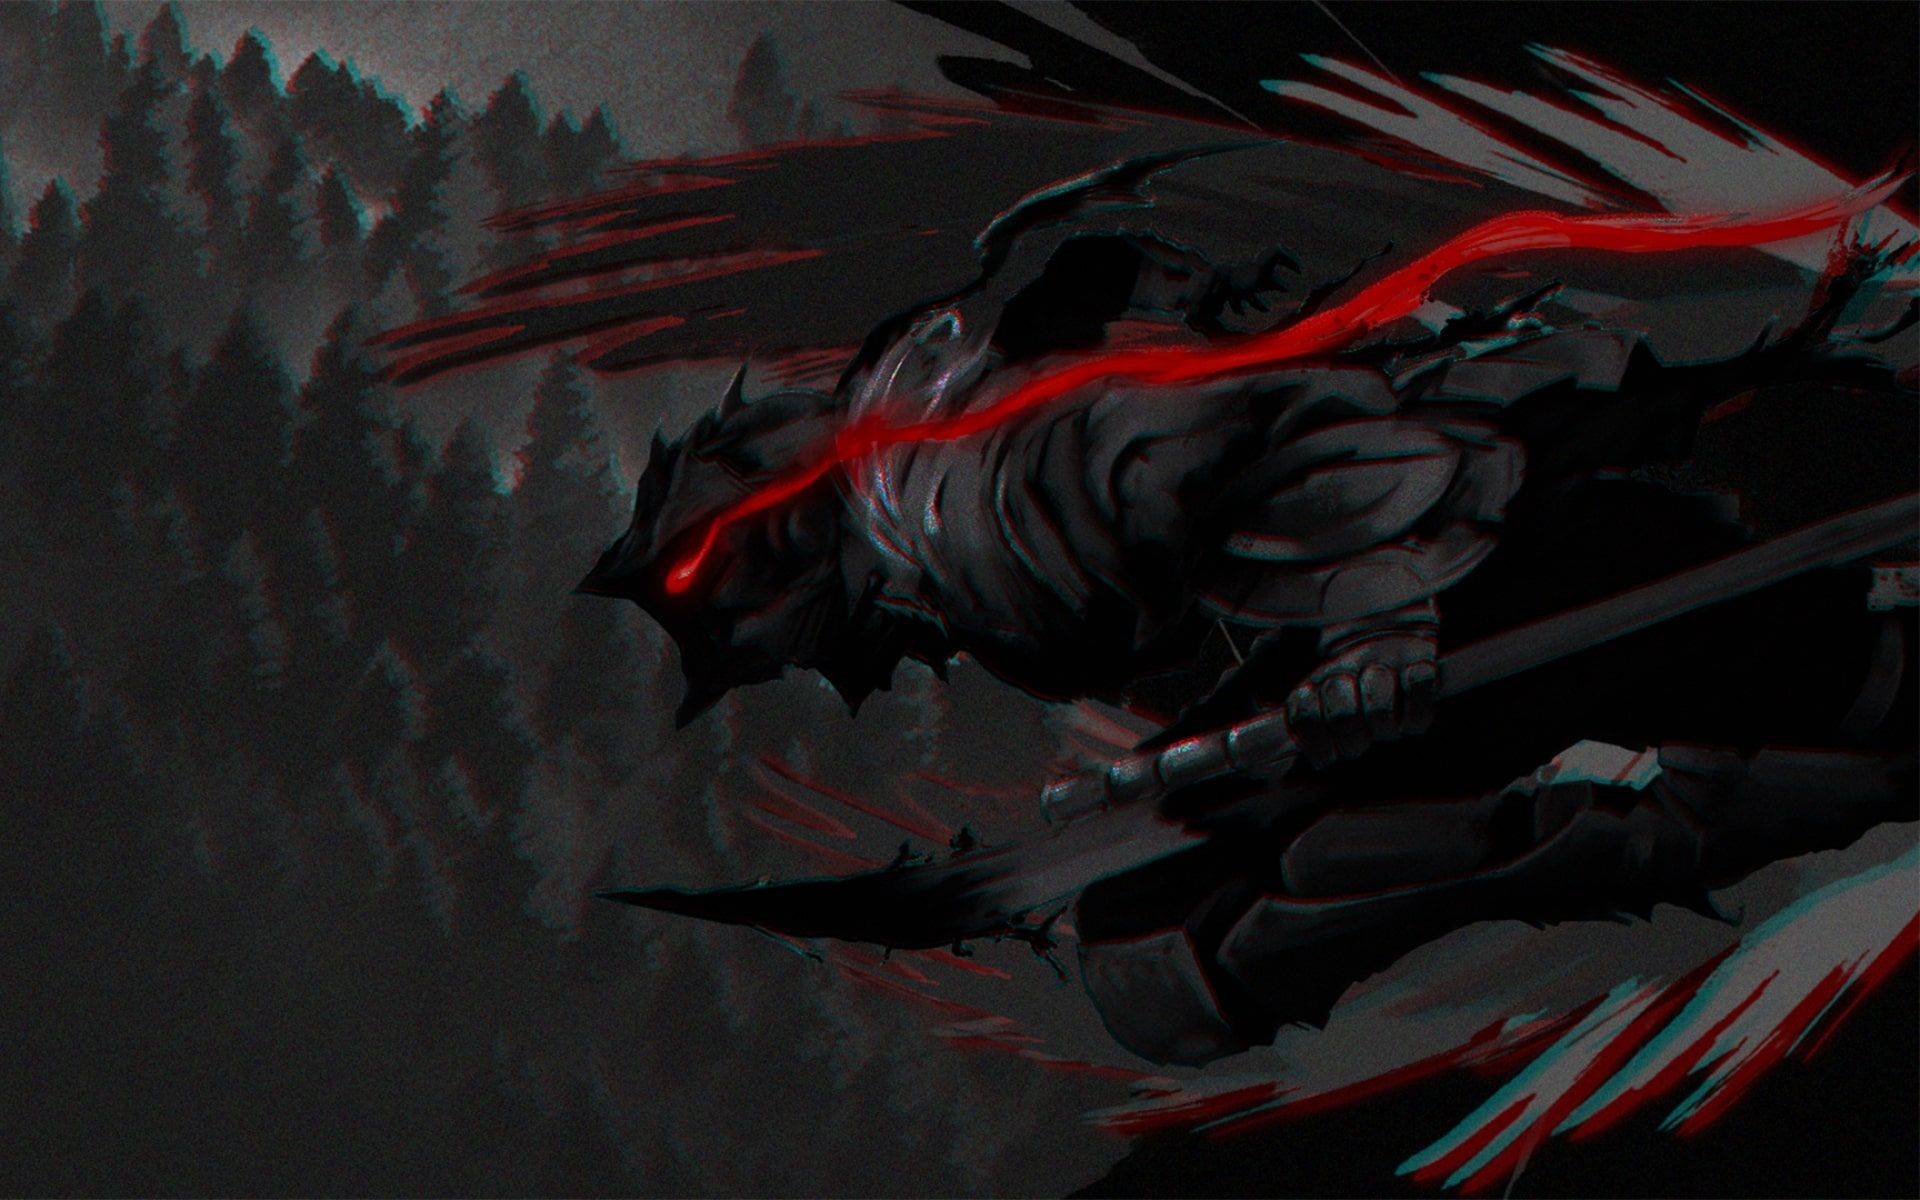 Goblin Slayer Wallpapers Top Free Goblin Slayer